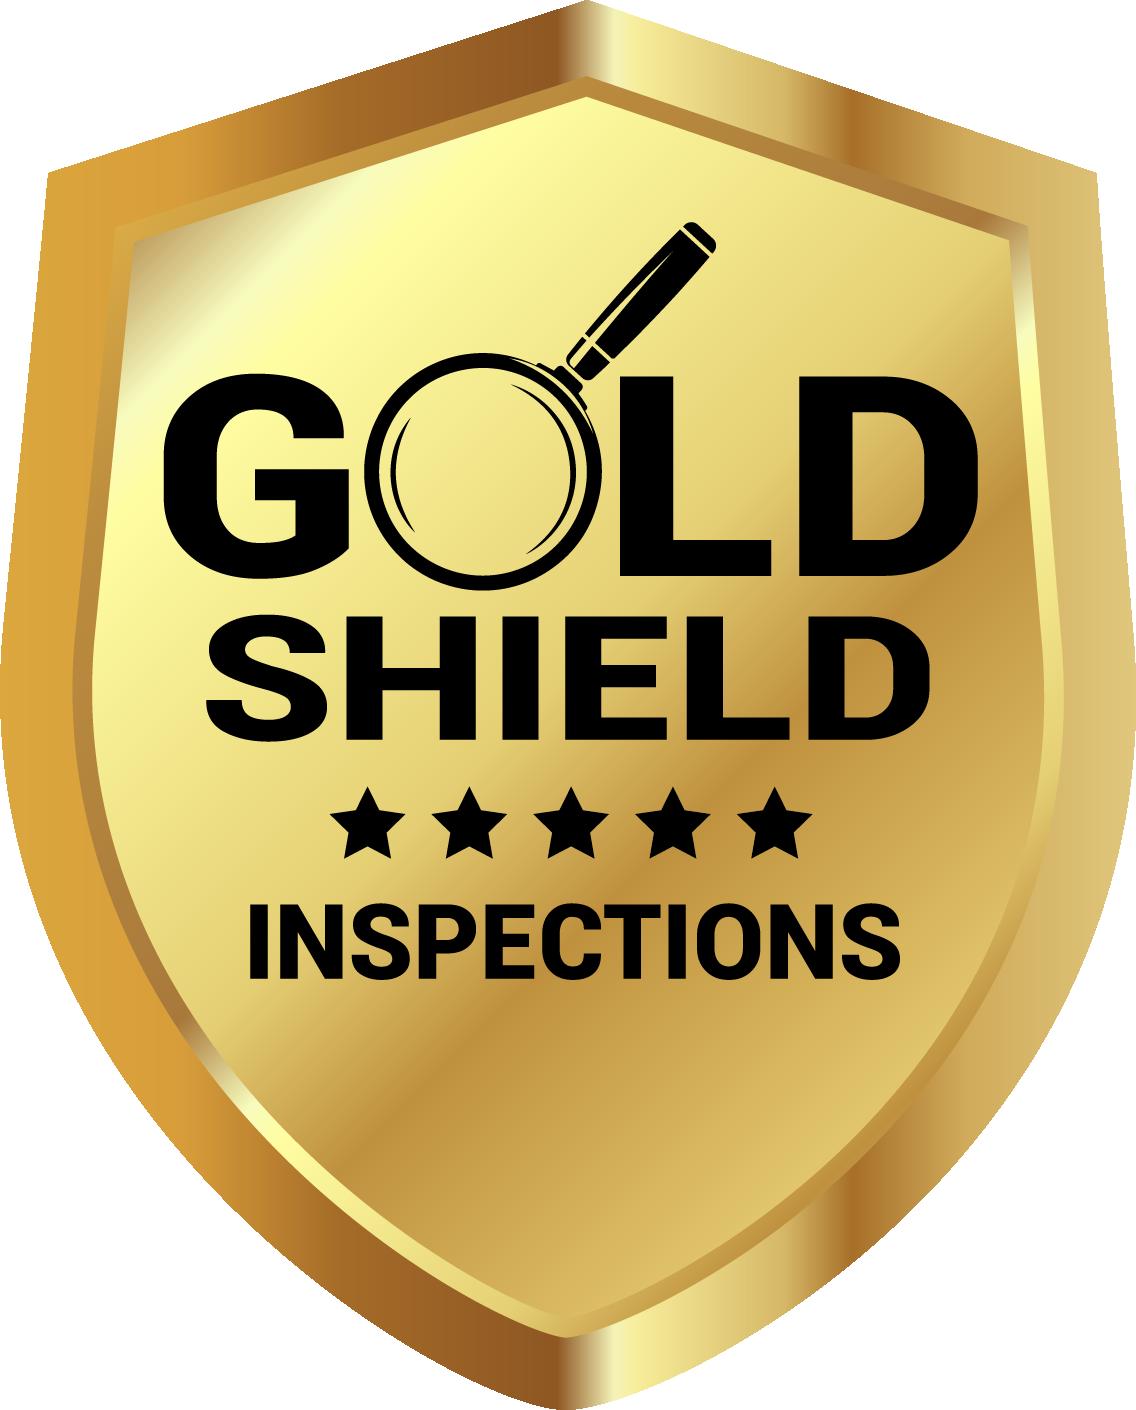 Goldshield logo